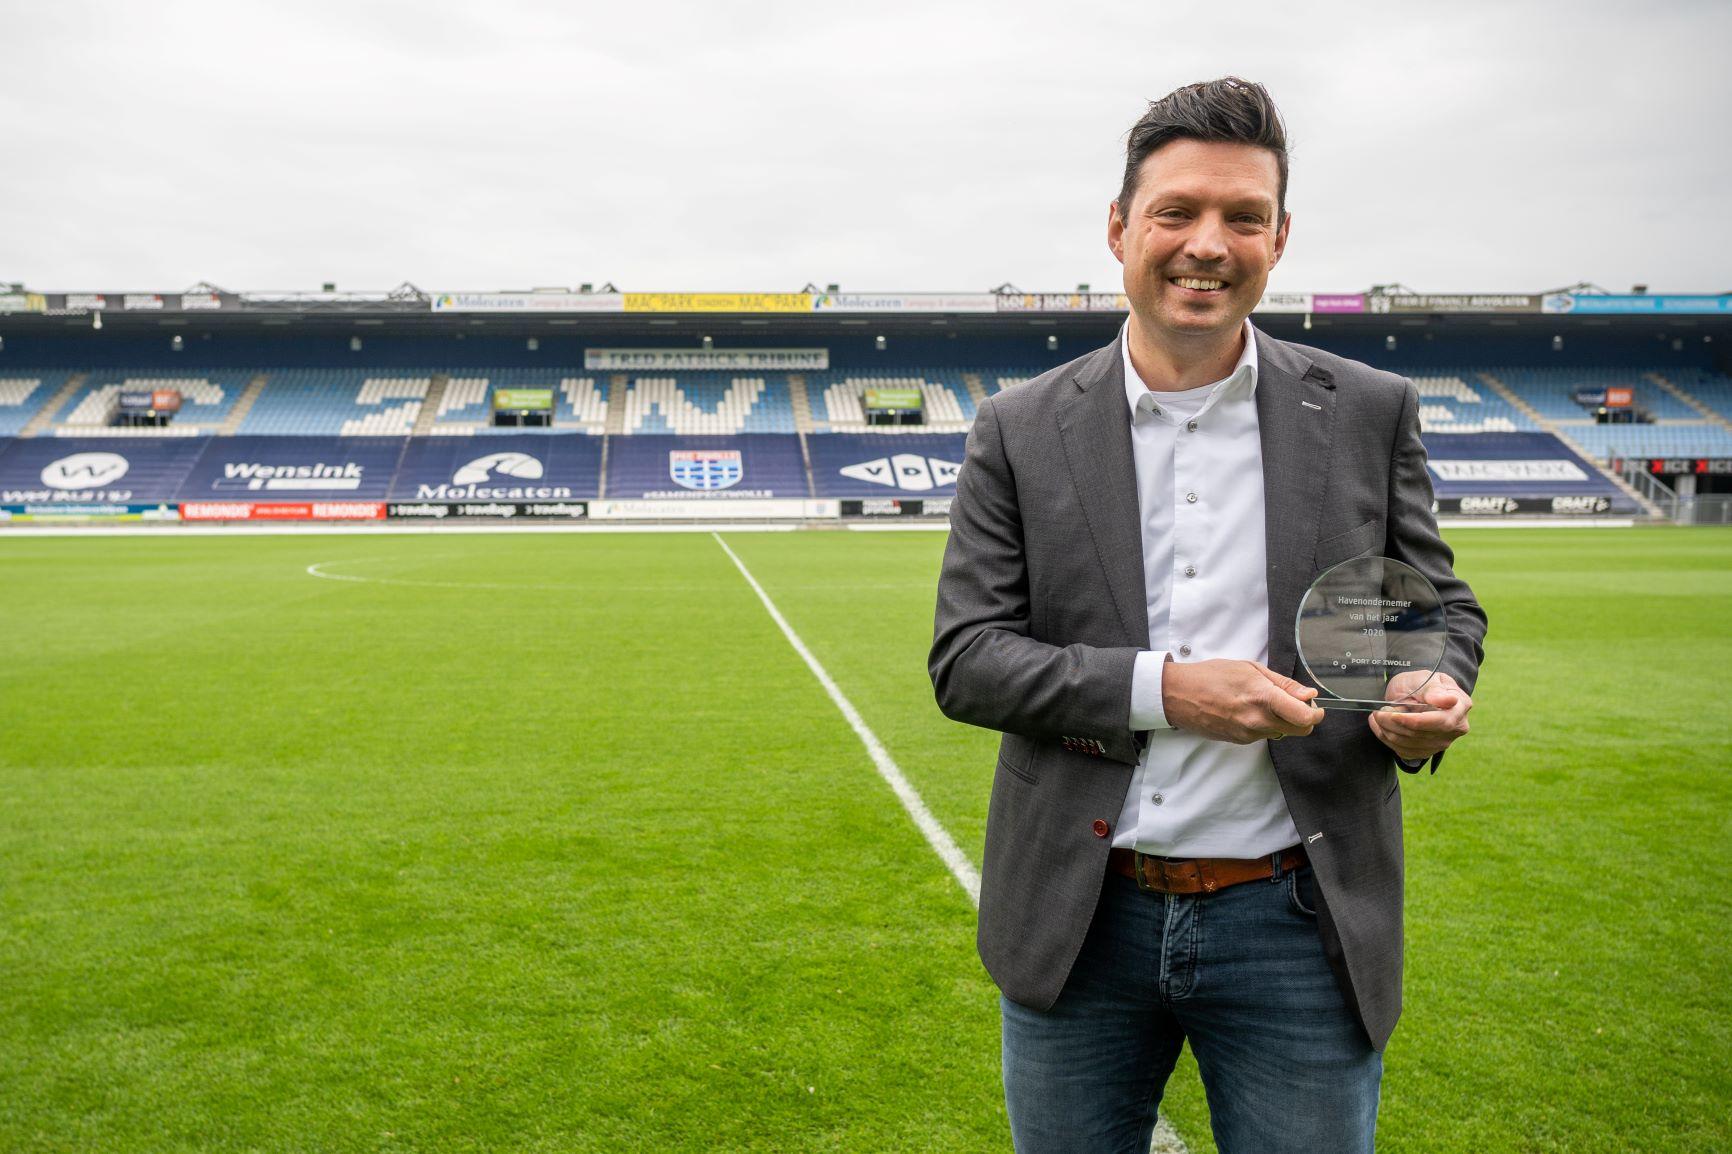 De gelukkige winnaar, Peter Korpershoek, in het stadion van PEC Zwolle. (Foto Port of Zwolle)